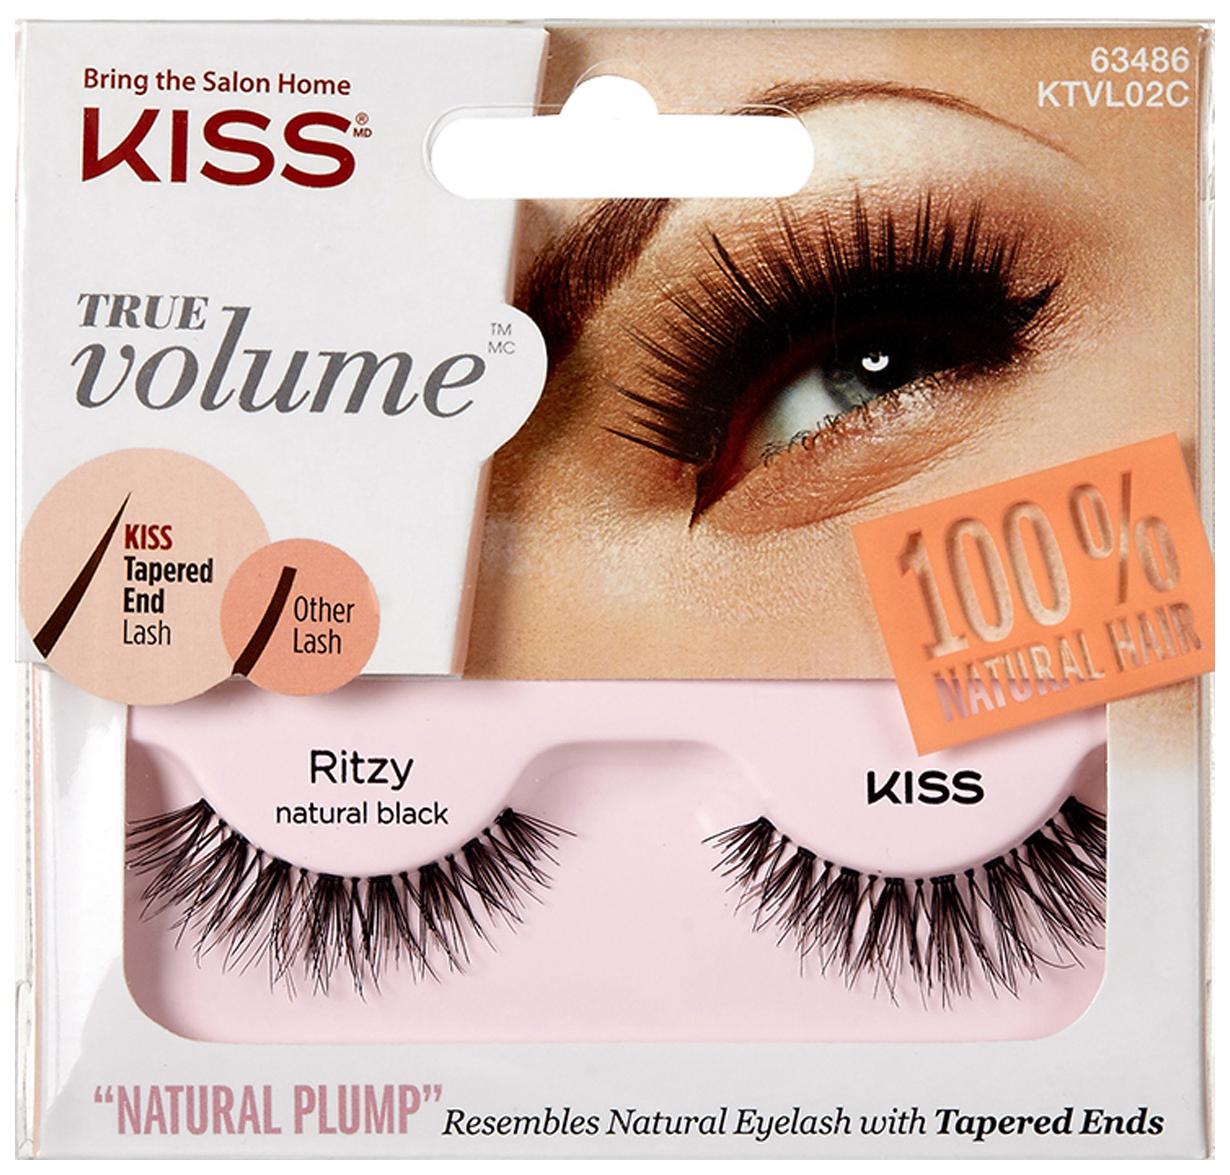 Купить Накладные ресницы KISS True Volume Lash Ritzy (KTVL02C) 2 шт